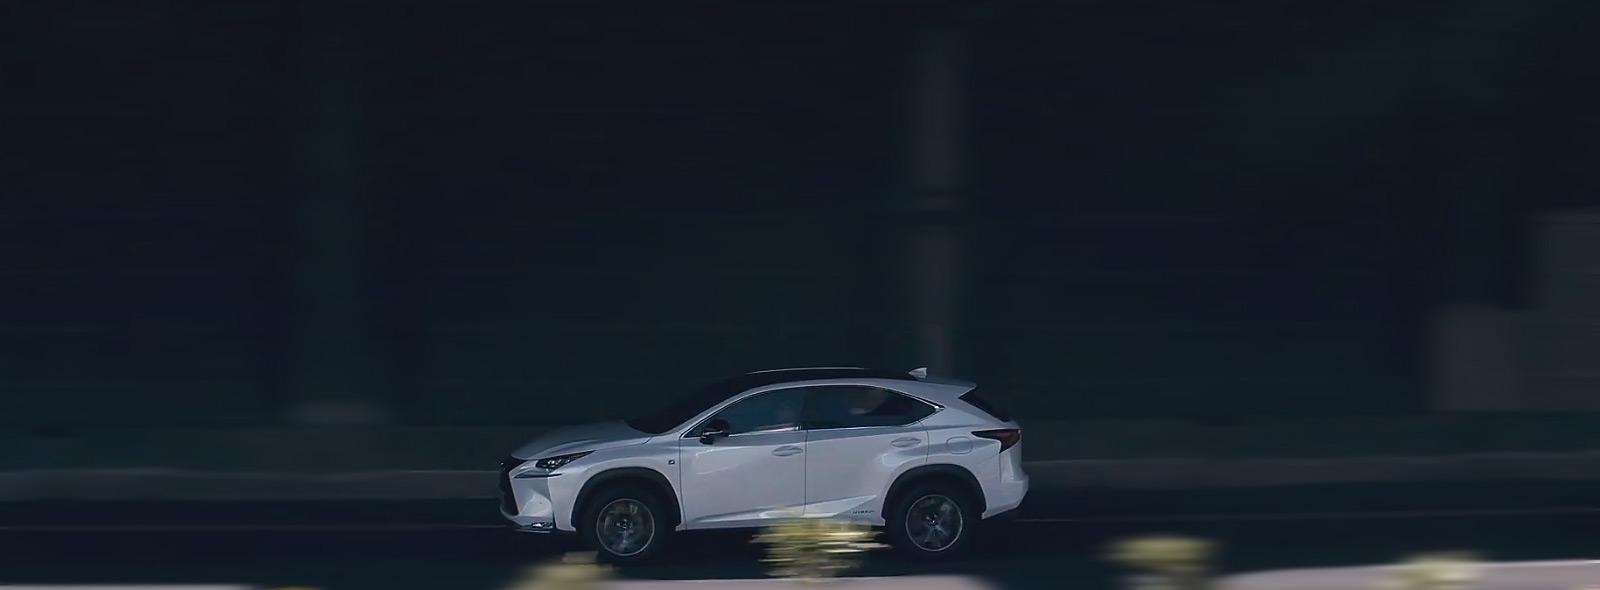 NX Hybrid Icon colore bianco percorre una strada urbana ombreggiata